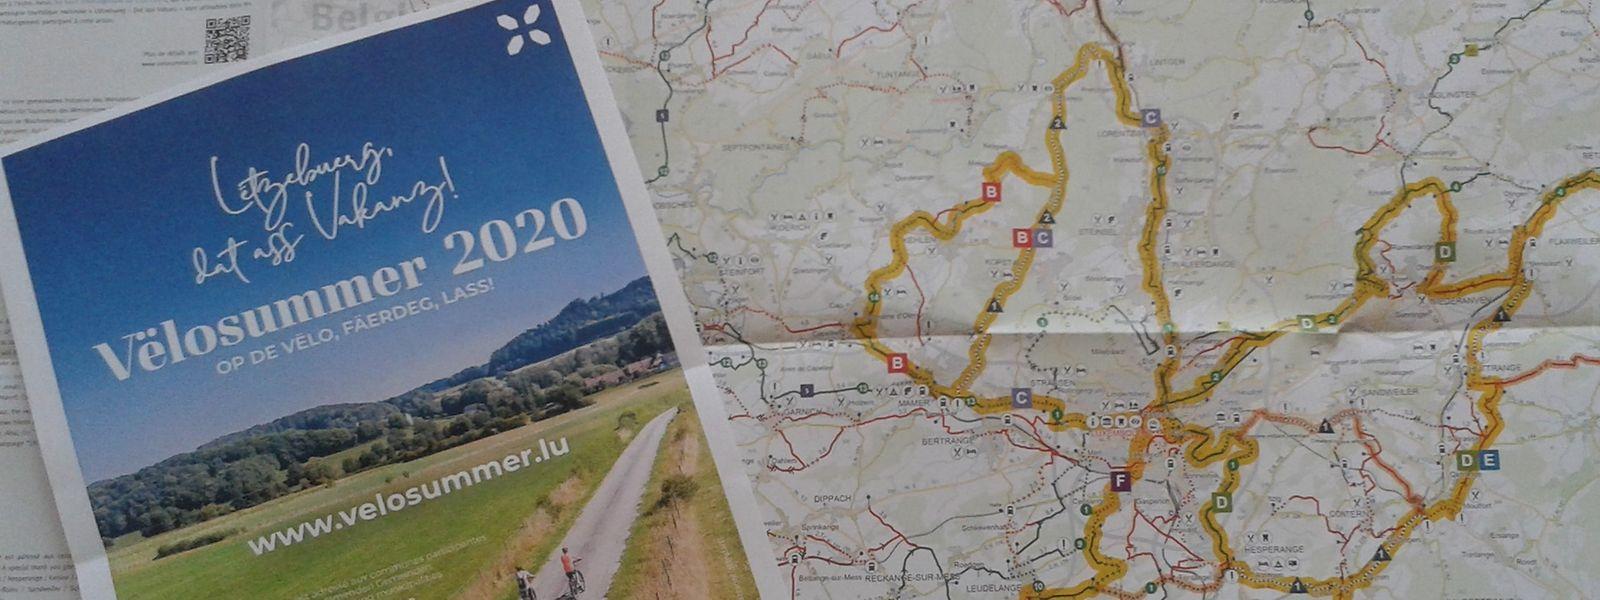 La carte reprend les six tronçons de l'édition 2020 de Vëlosummer mais aussi les pistes cyclables du pays.